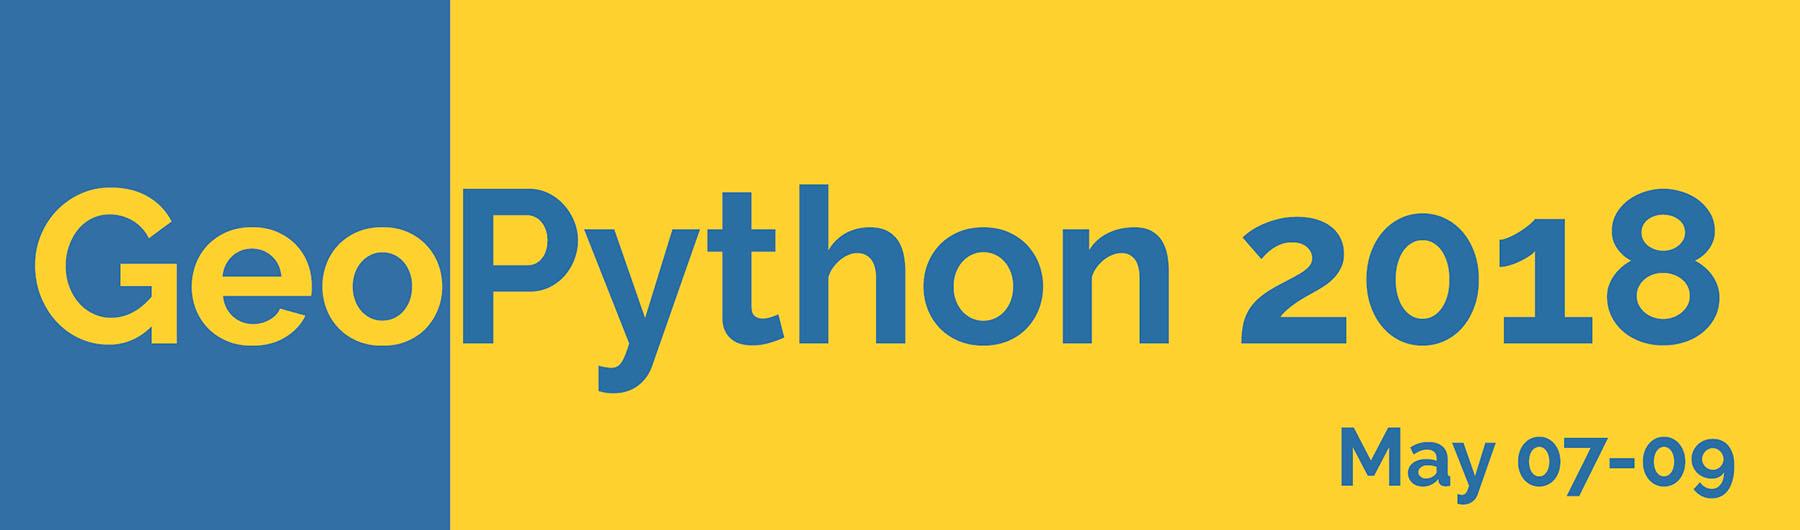 GeoPython 2018